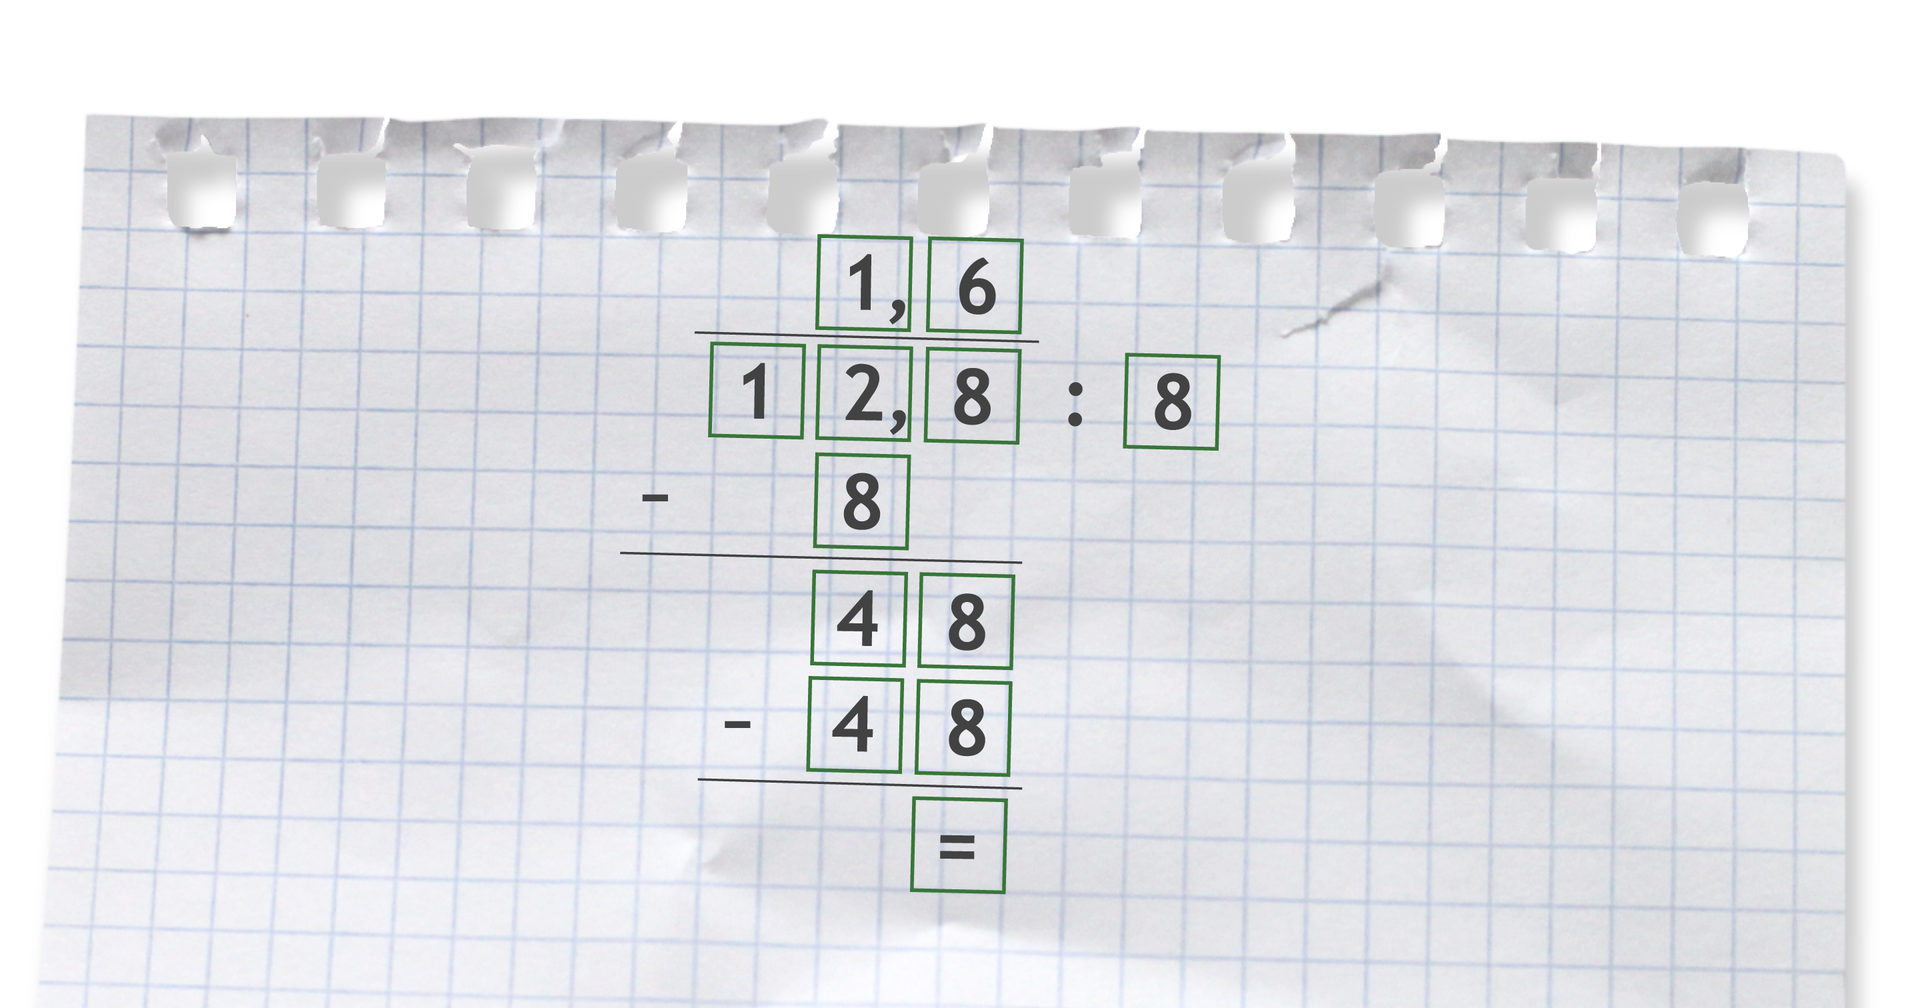 Przykład dzielenia pisemnego: 12,8 dzielone przez 8 =1,6.